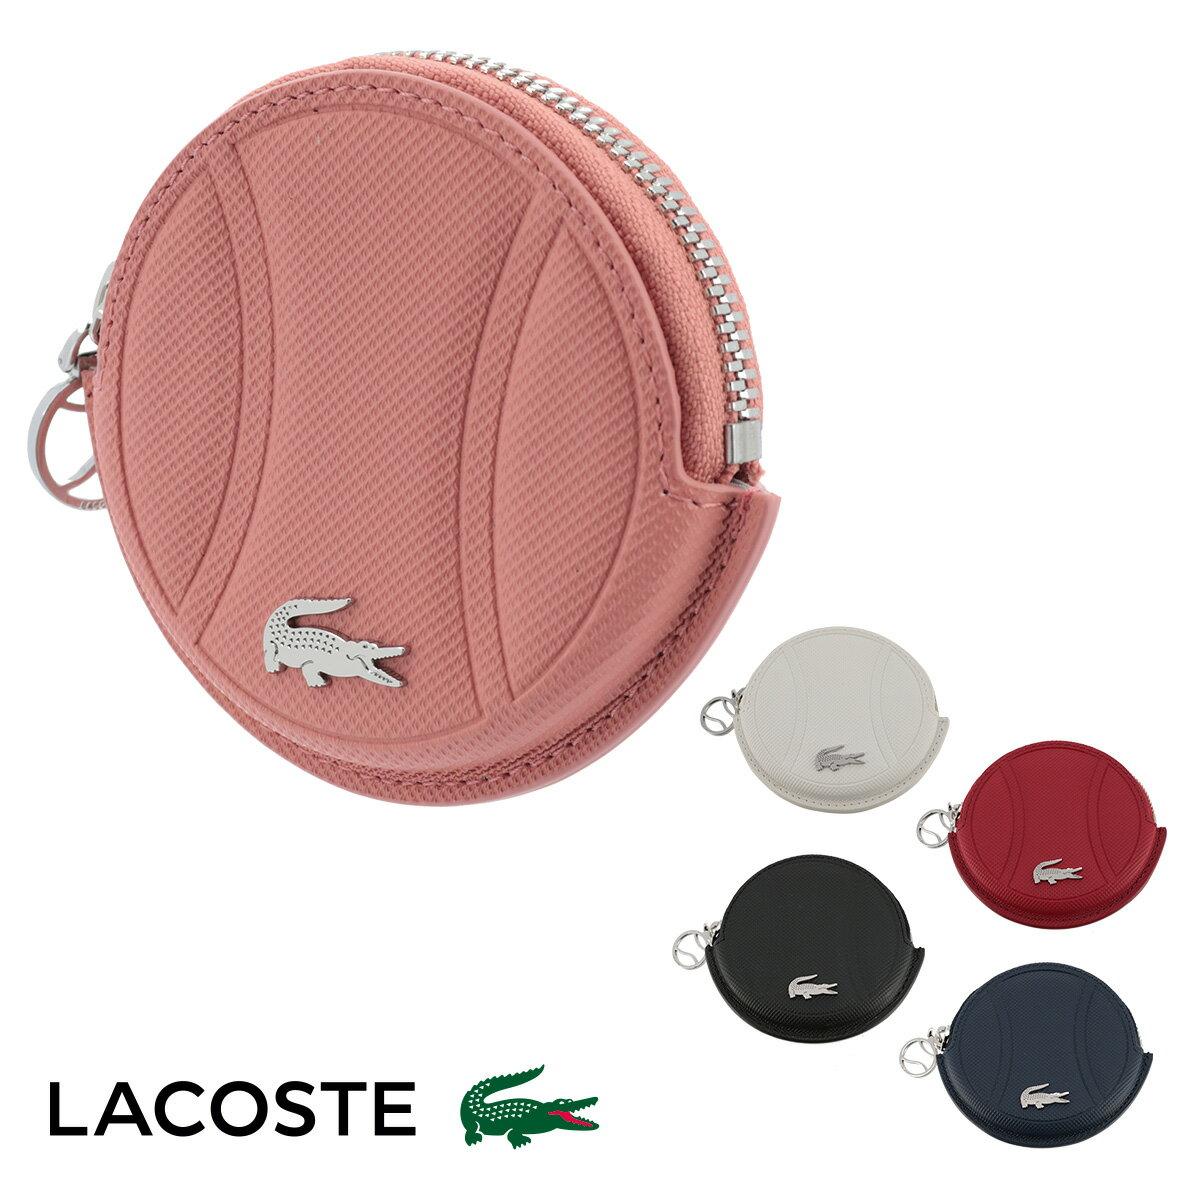 ラコステ 財布 小銭入れ メンズ DAILY CLASSIC 465023 LACOSTE コインケース ラウンドファスナー[bef]